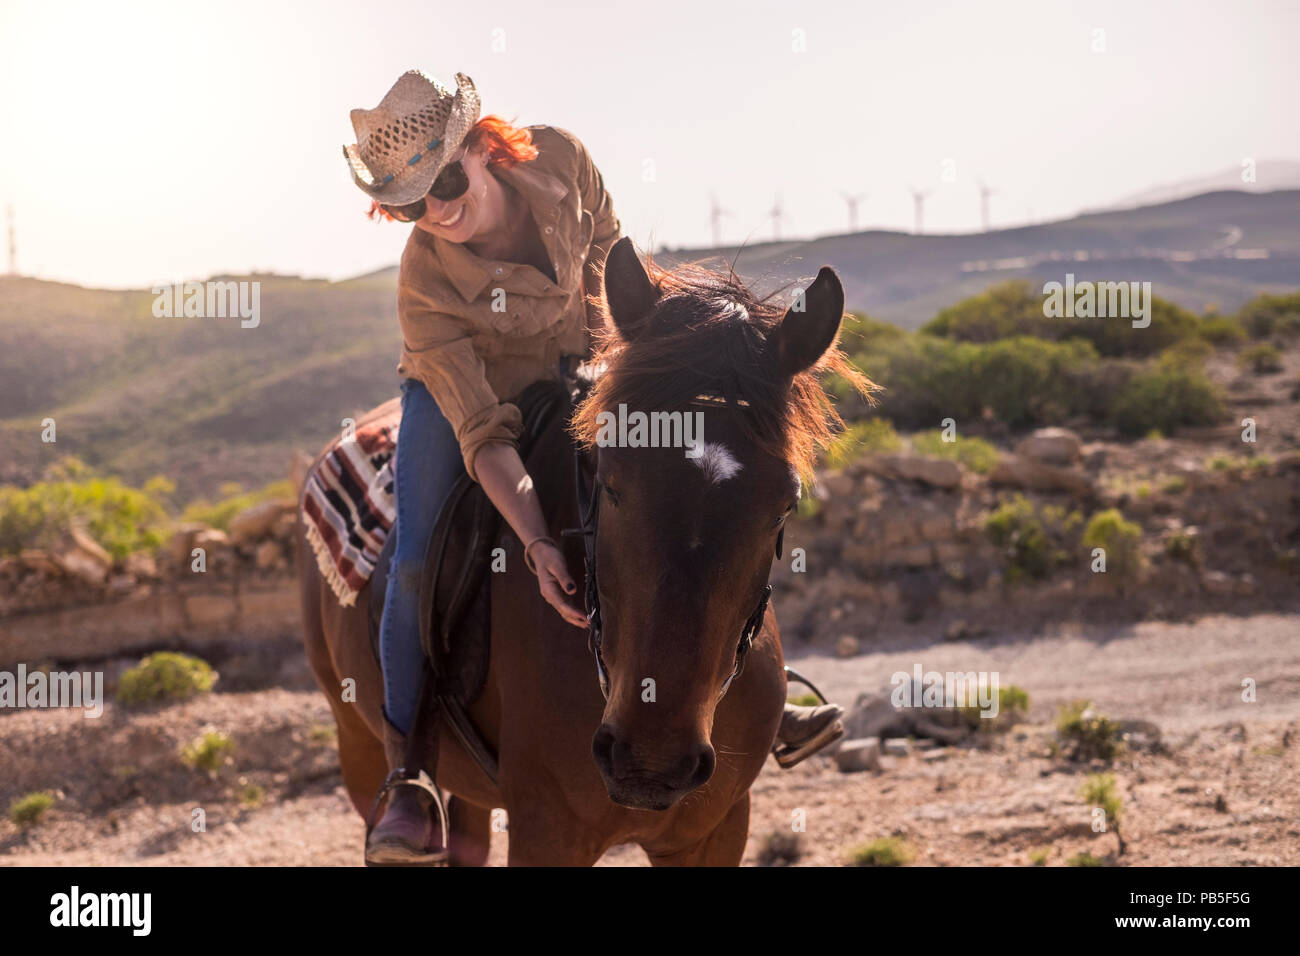 Fröhlichen roten Haar Dame Fahrt eine Schöne braune Pferd in Freundschaft und genießen Sie den freien Tag zusammen. Beziehung und tiergestützte Therapie. glücklich und Leben Stockbild